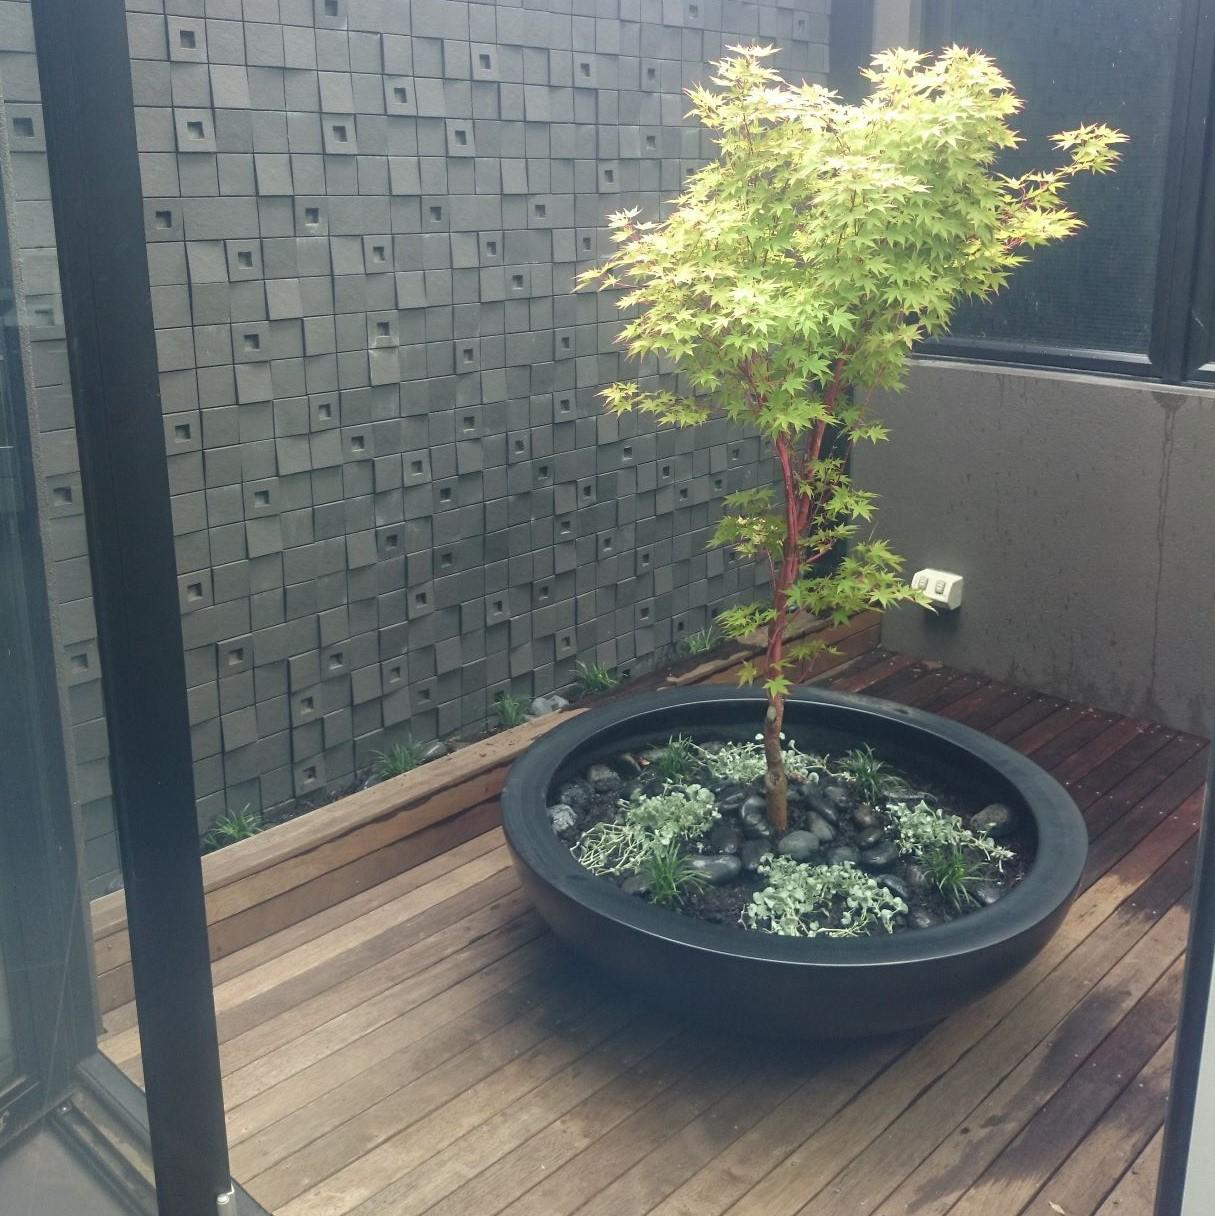 indoor garden, Dicondra silver falls, Dwarf mondo grass, pot plant, Prahan garden, Japanese Maple, Dicondra silver falls, Dwarf mondo grass, pot plants